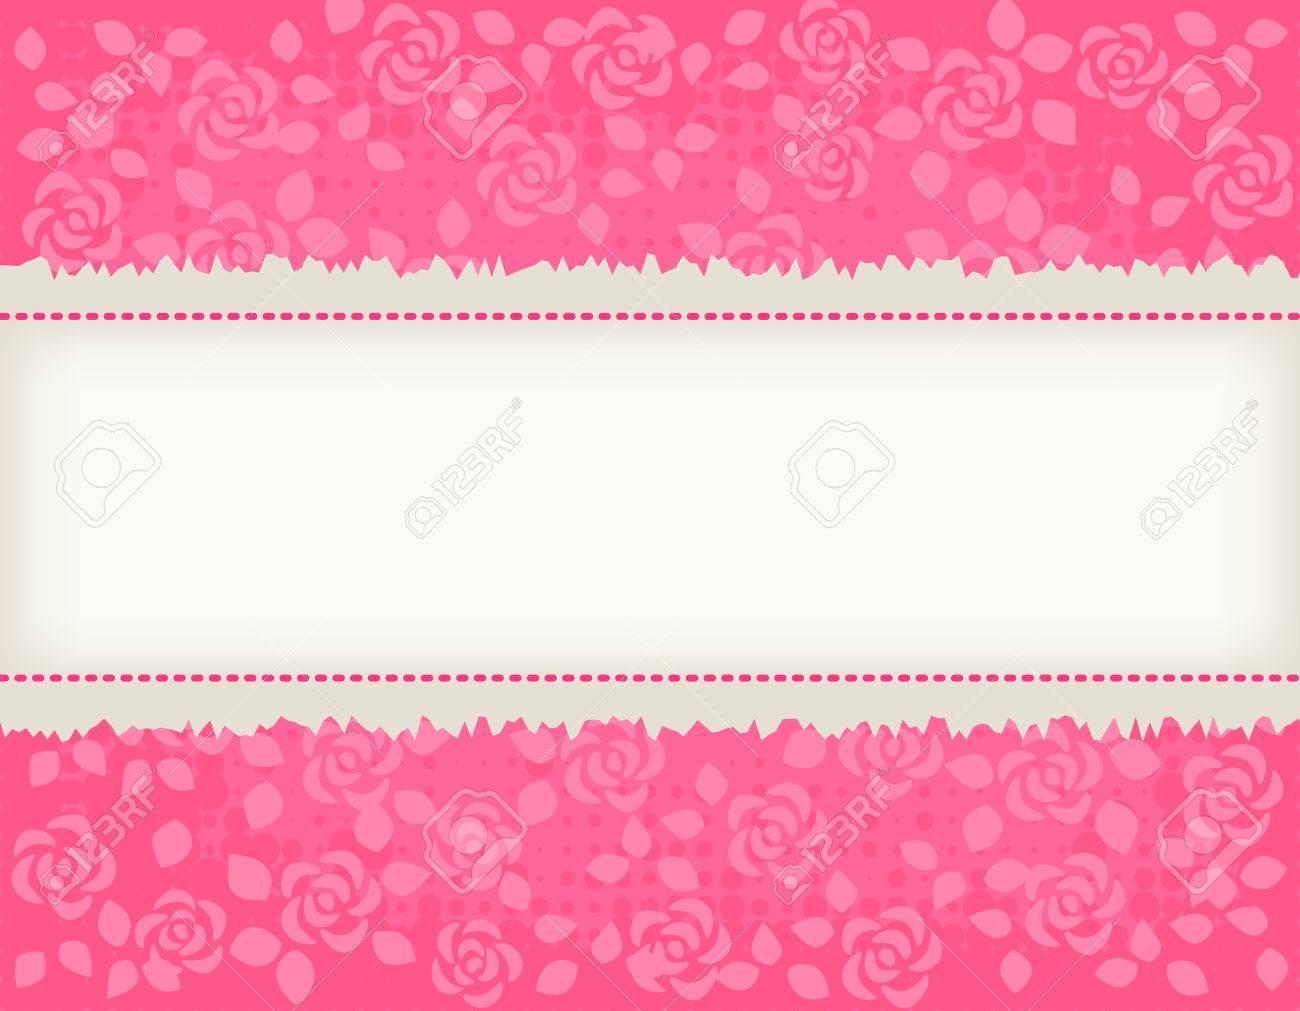 rosas rosadas bonitas texrured fondo wth marco de color marrón claro